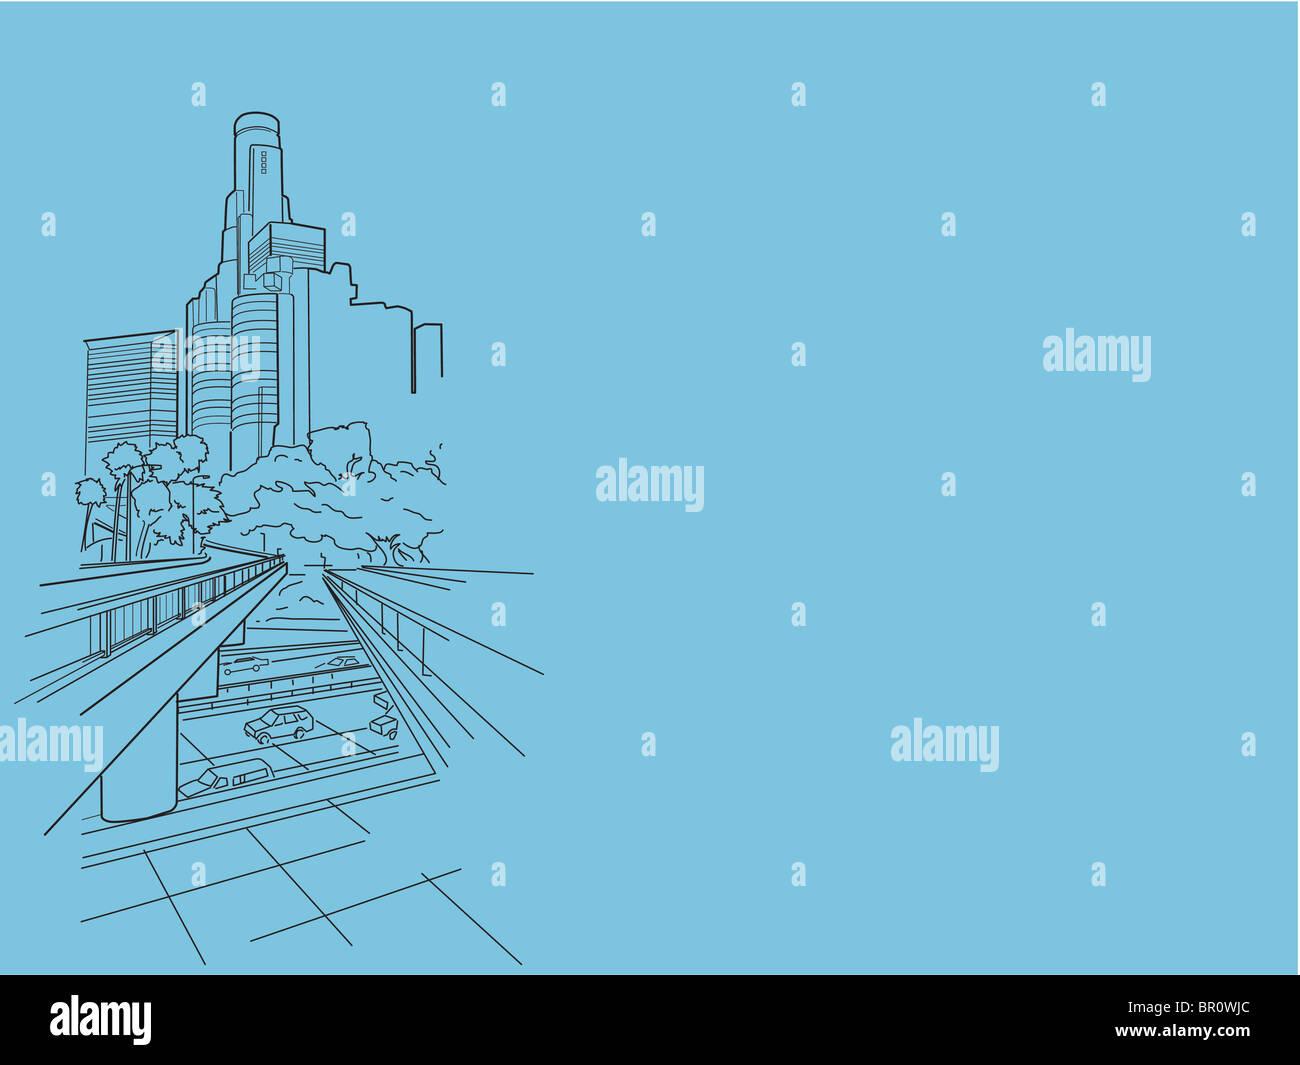 Eine Abbildung einer belebten Innenstadt Stockbild